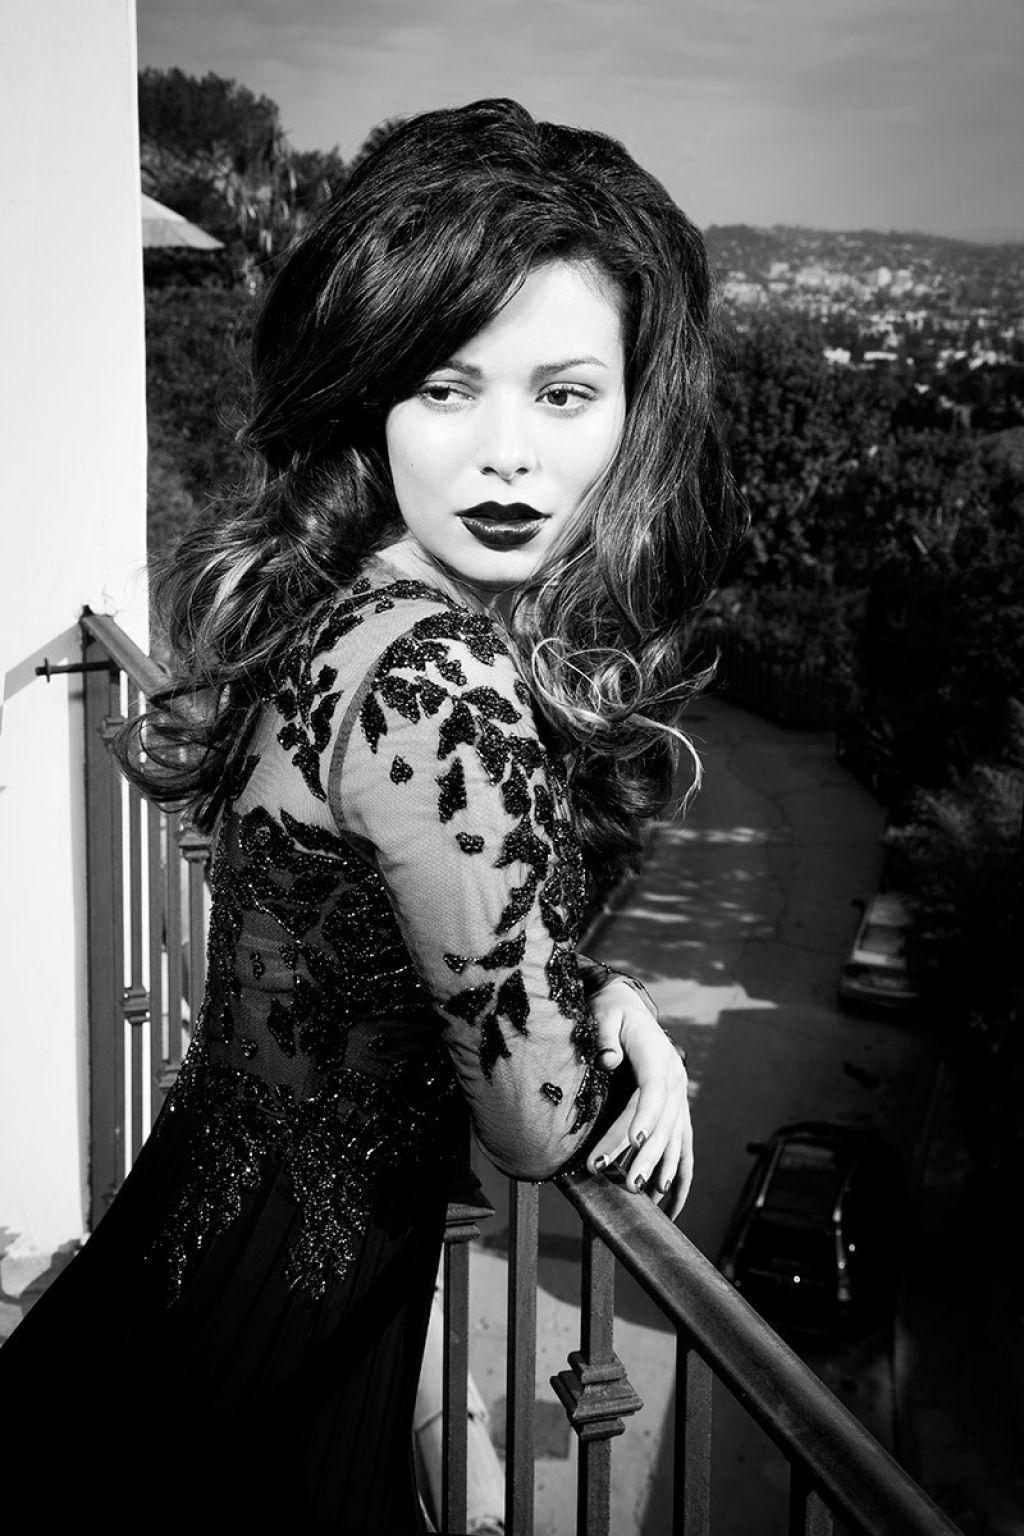 Miranda Cosgrove Photoshoot For Spirit Amp Flesh Magazine